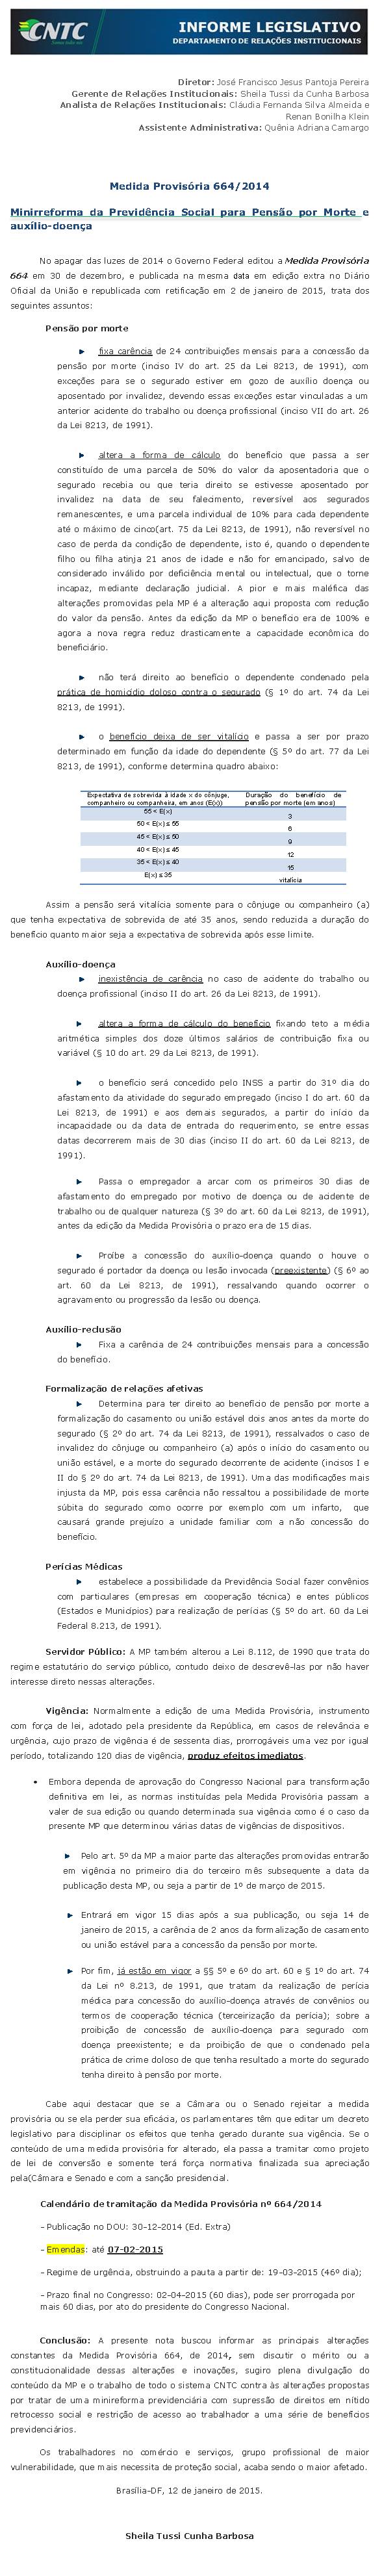 Relatório MP 664-14_Página_1